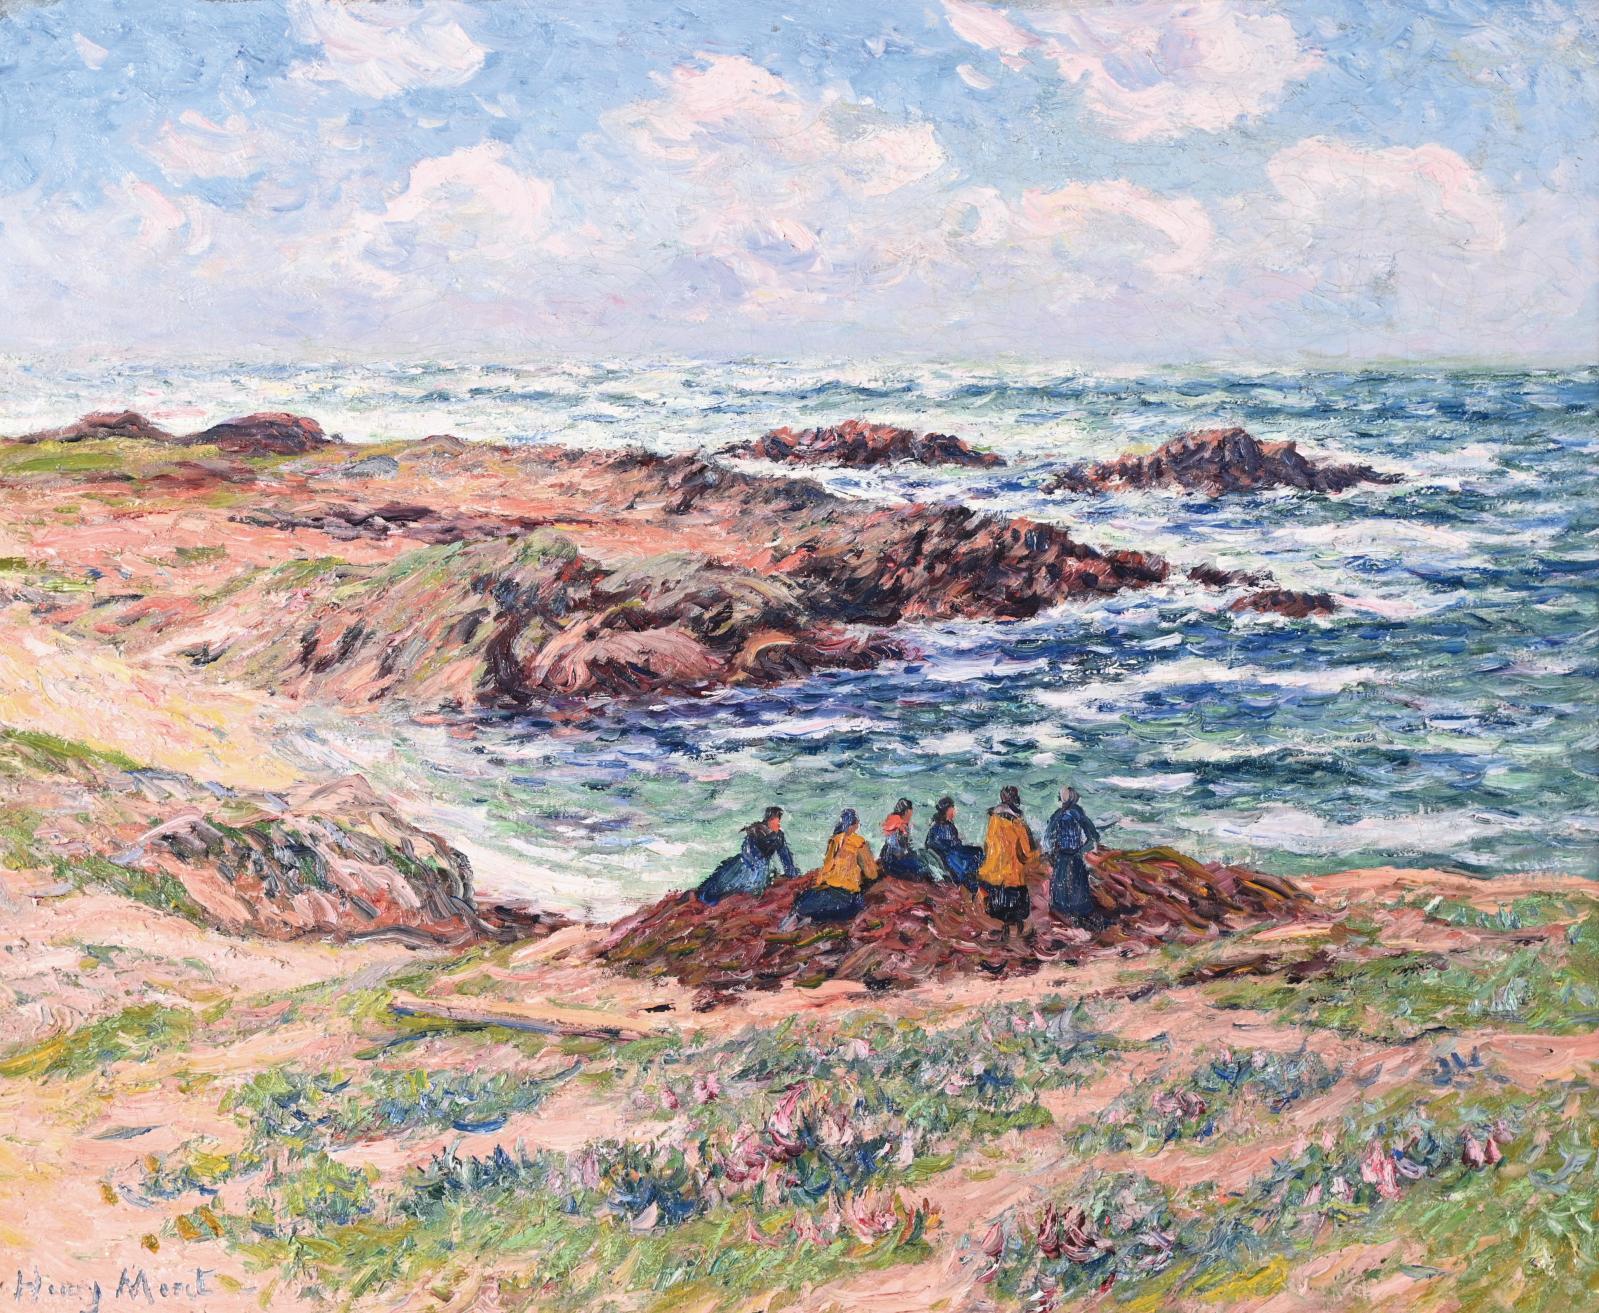 Henry Moret (1856-1913), après avoir longtemps côtoyé les peintres installés à Pont-Aven, fait cavalier seul en s'aventurant jusqu'à l'île